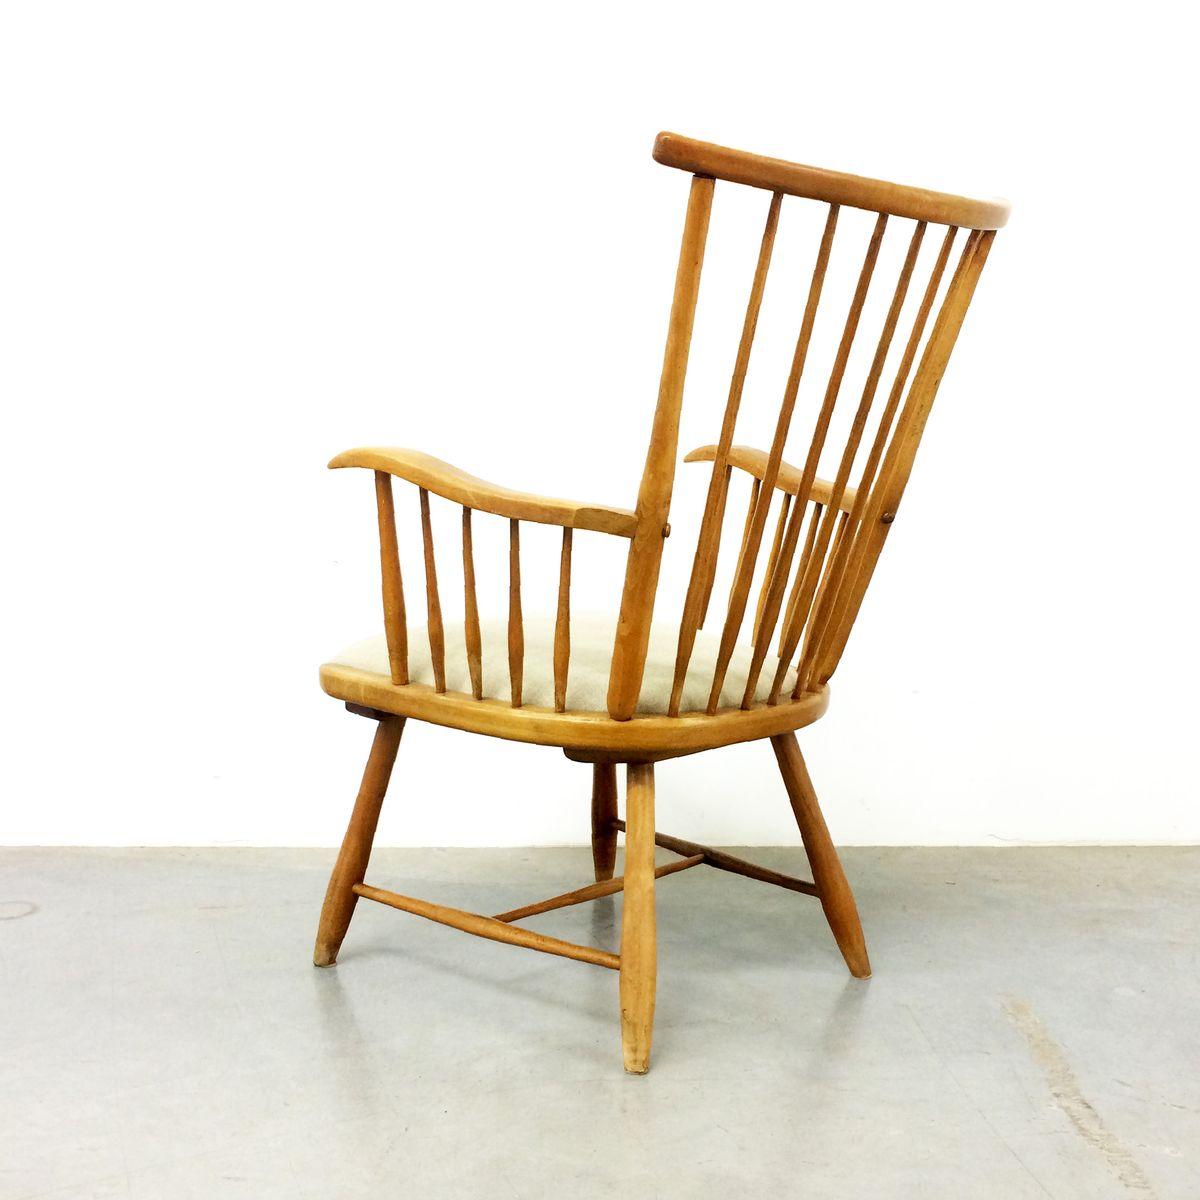 fauteuil wk s7 par arno lambrecht pour wk m bel 1950s en vente sur pamono. Black Bedroom Furniture Sets. Home Design Ideas